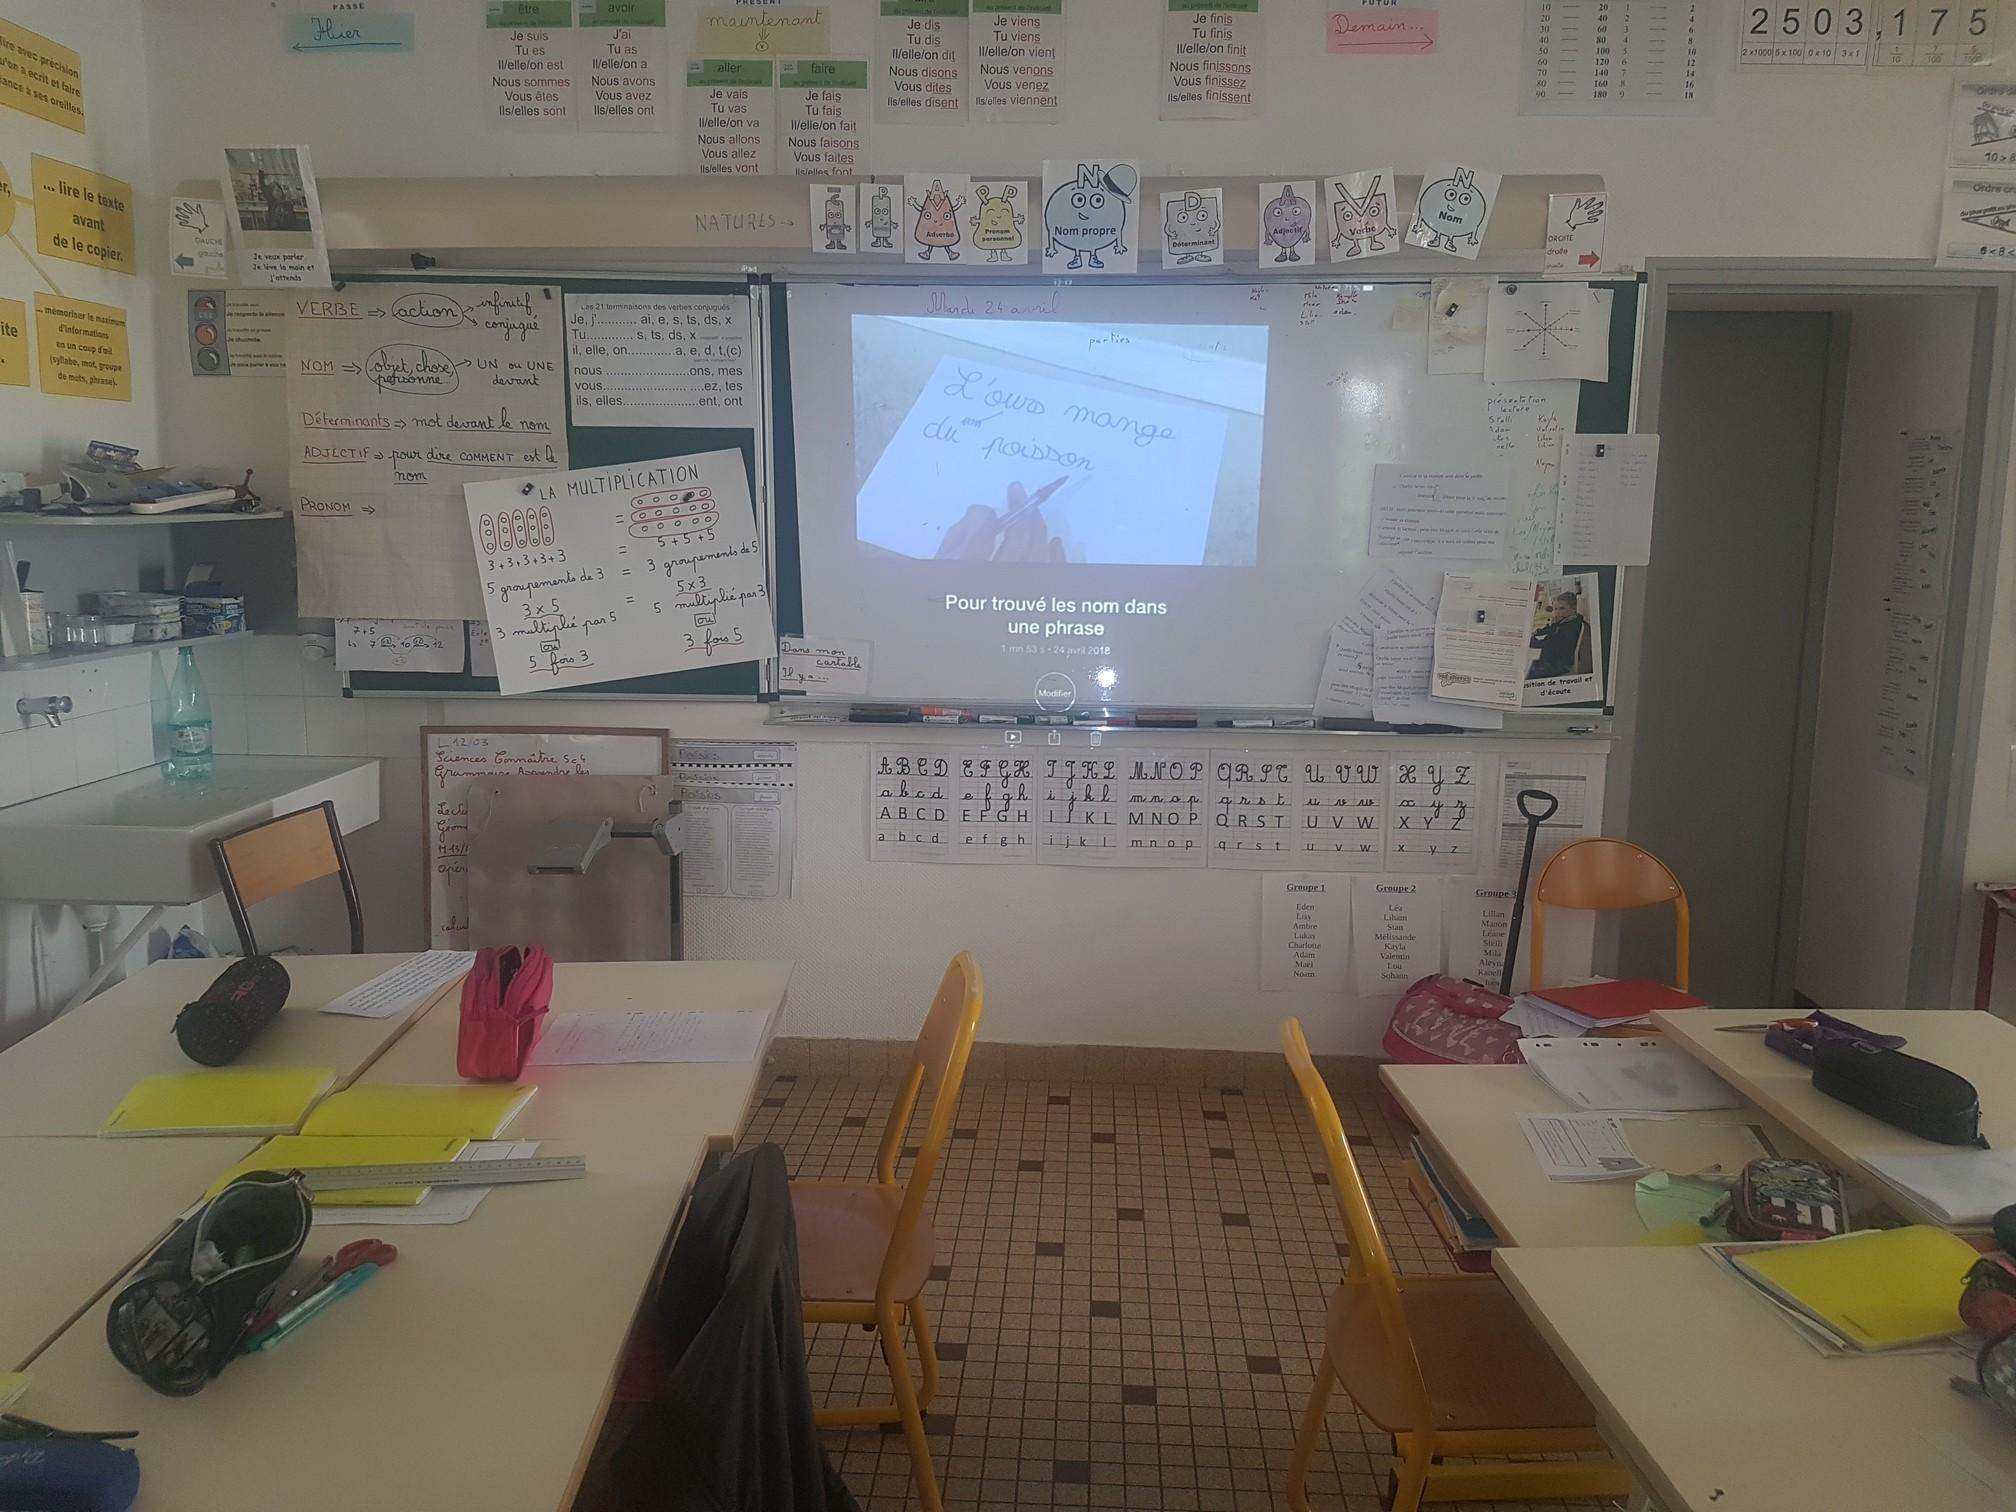 Visionnage des vidéos créées par les élèves